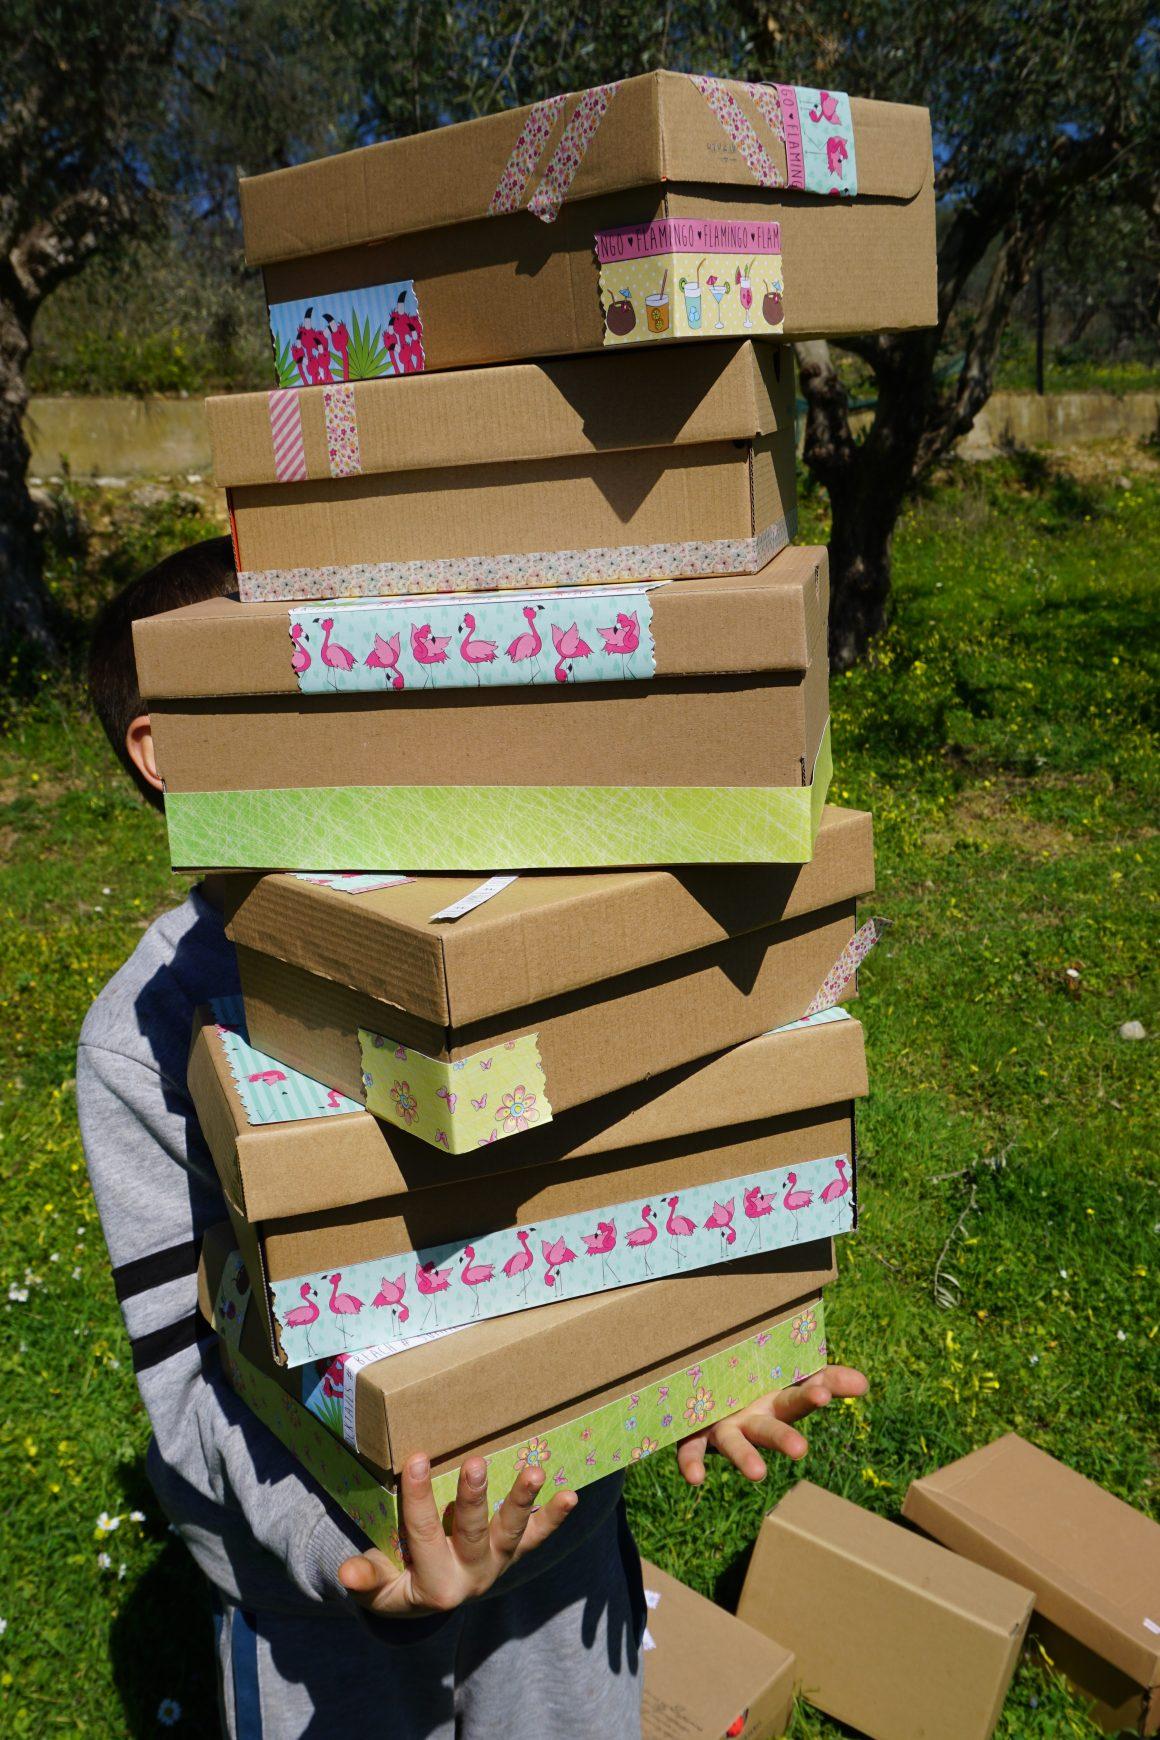 Οργάνωση σπιτιού χρησιμοποιώντας κουτιά παπουτσιών